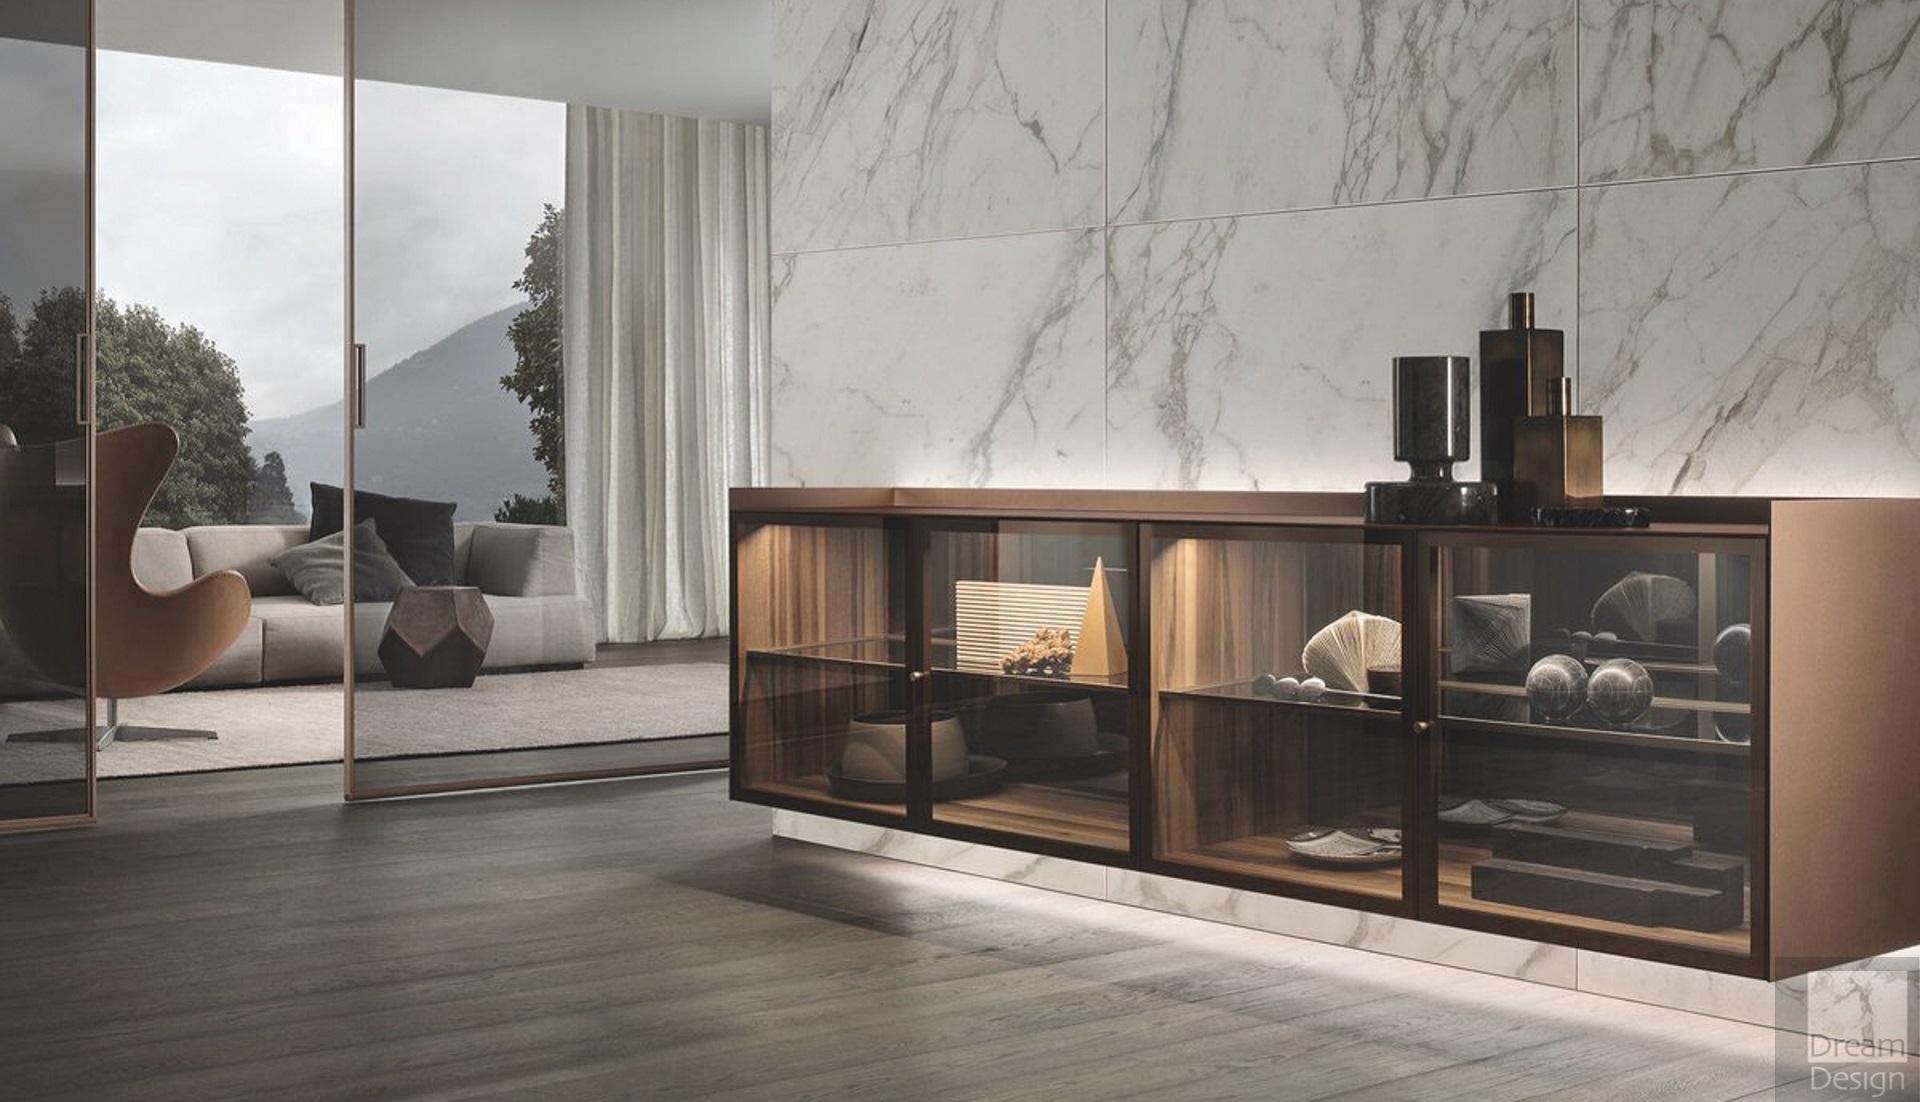 Rimadesio Self Bold Cabinet Dream Design Interiors Ltd